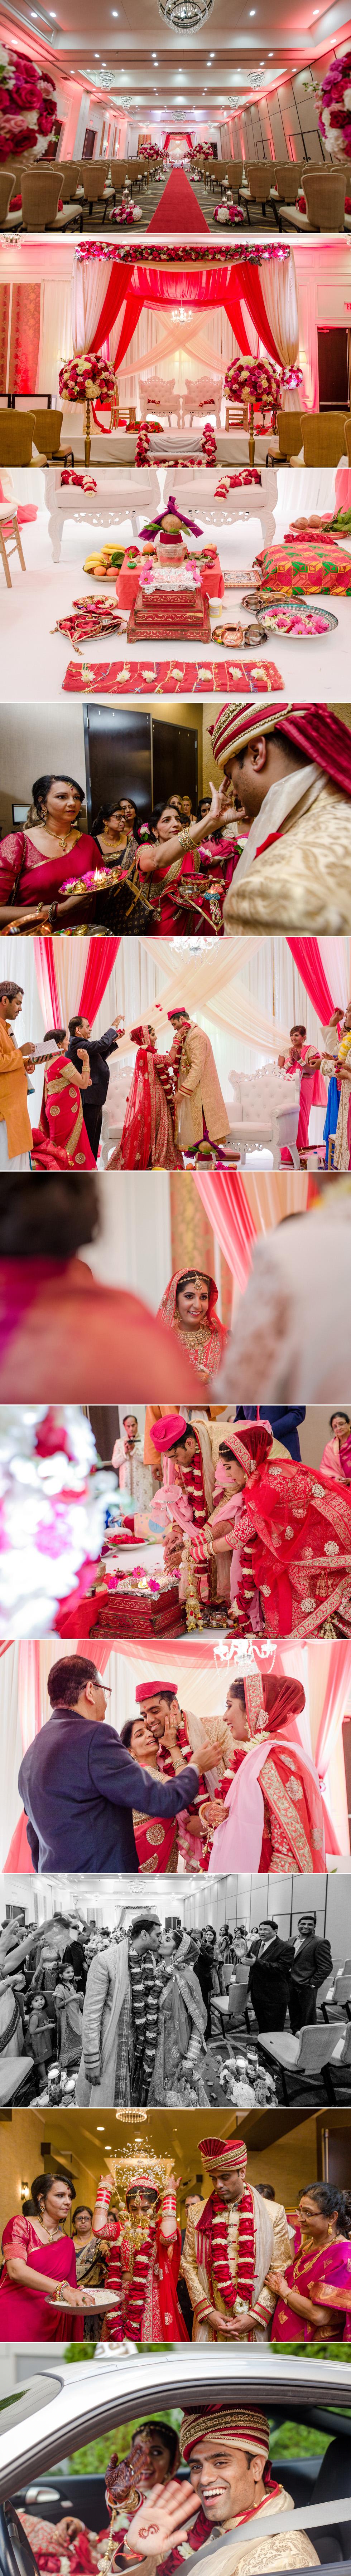 Nashville Indian wedding ceremony